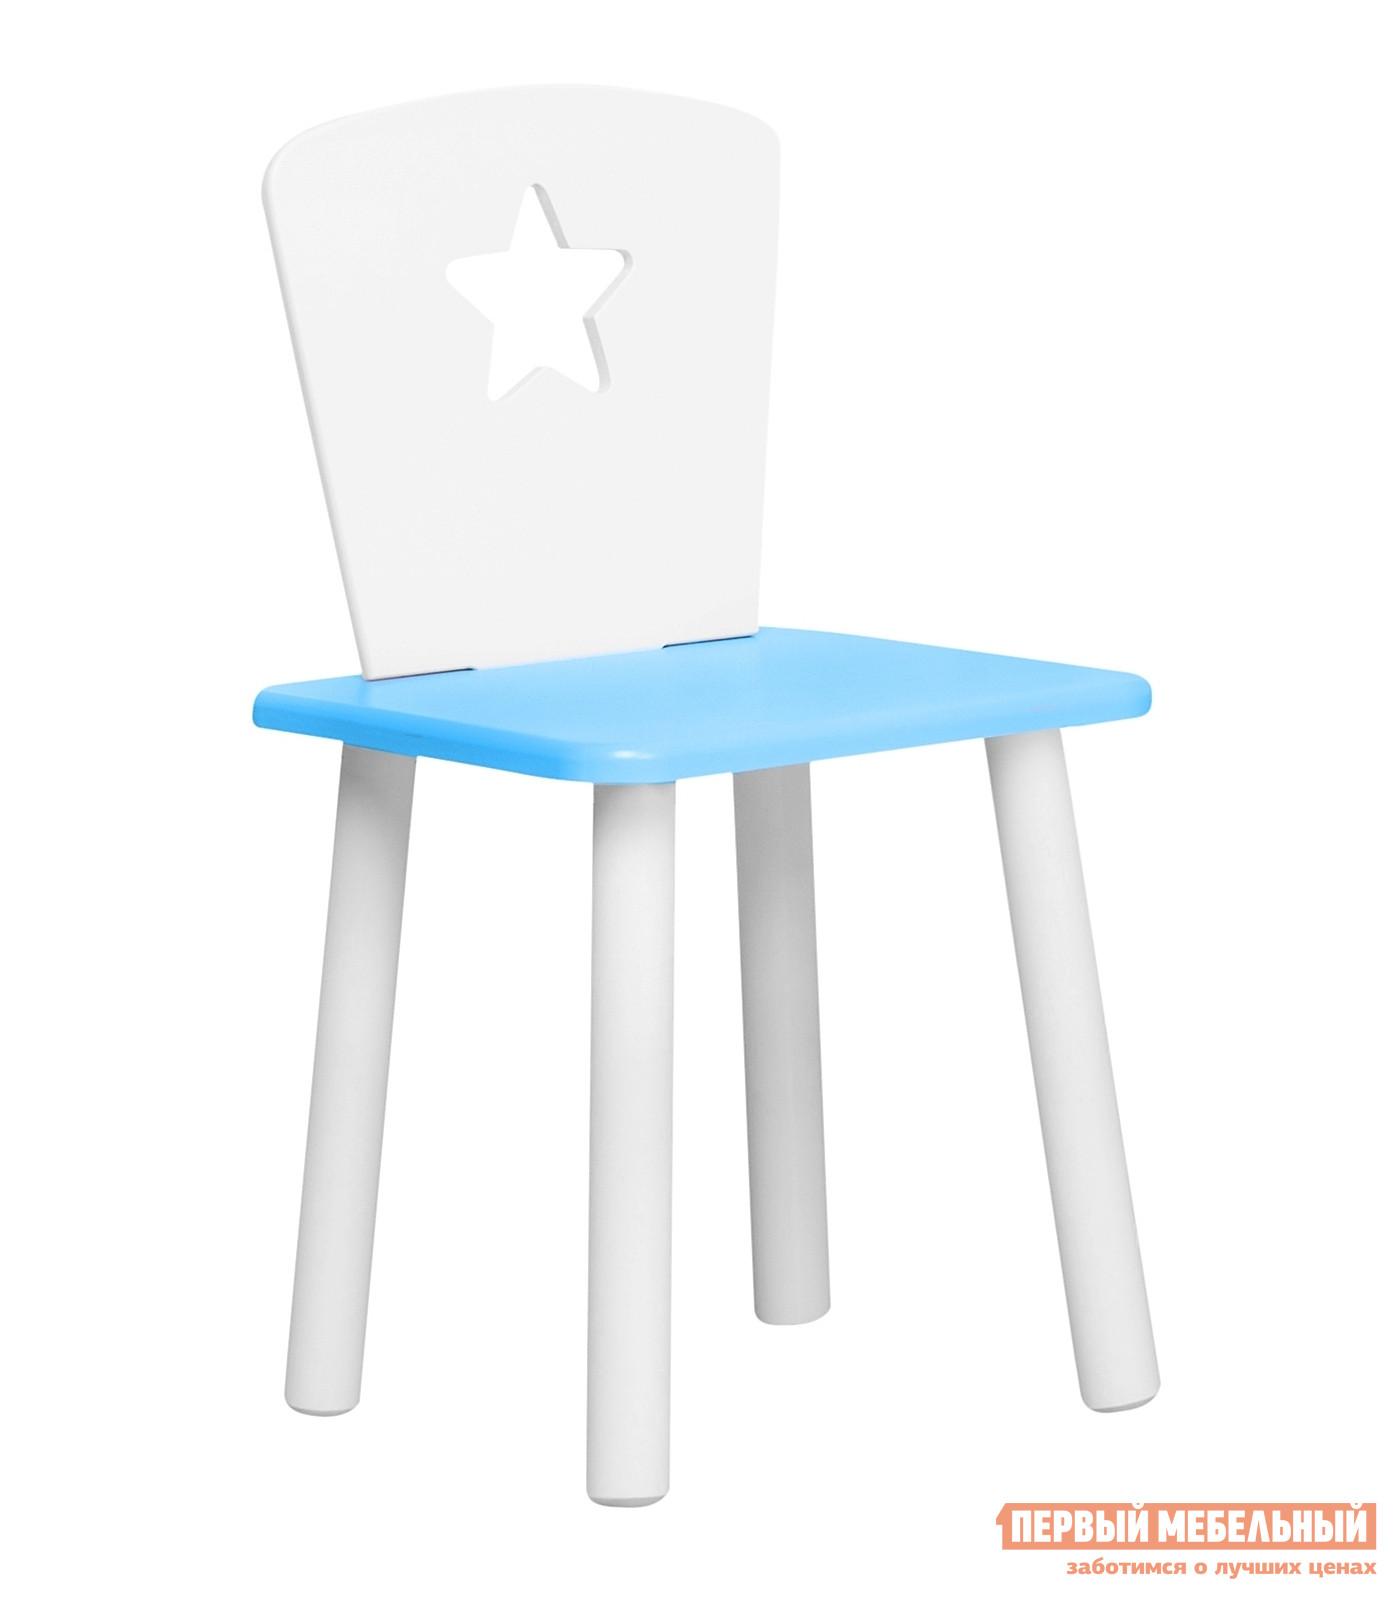 стульчик боровичи стул детский котенок Стульчик РусЭкоМебель Детский Стул Eco Star